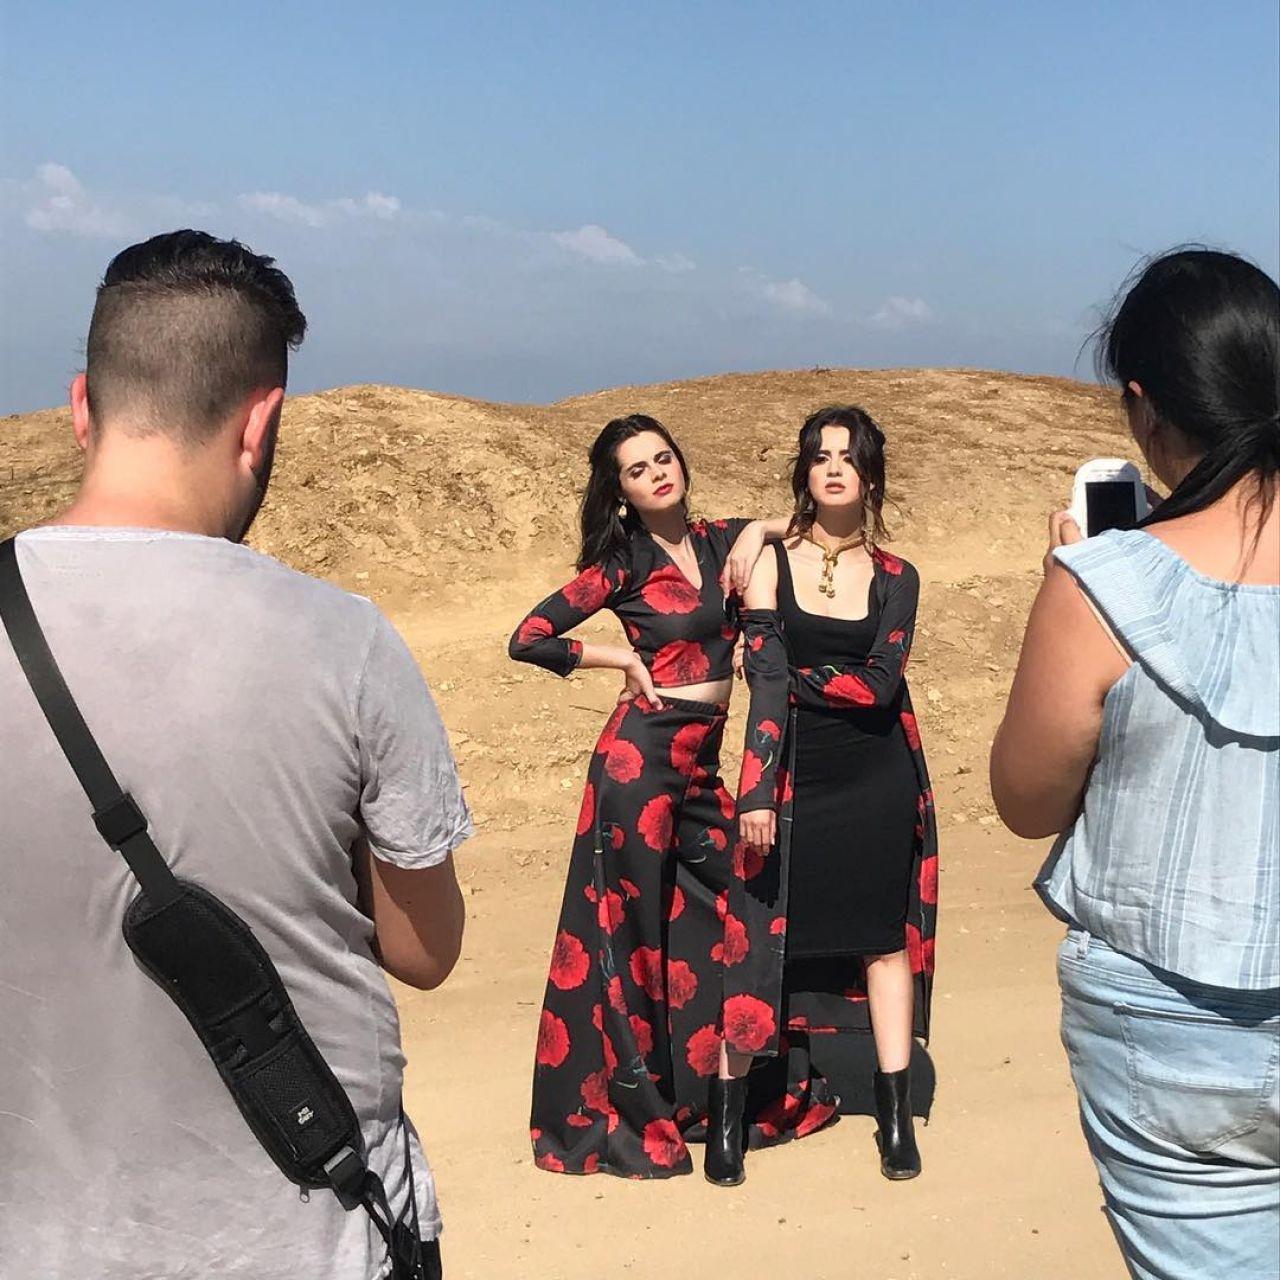 Laura marano social media 02 06 2018 for Visma arredo marano